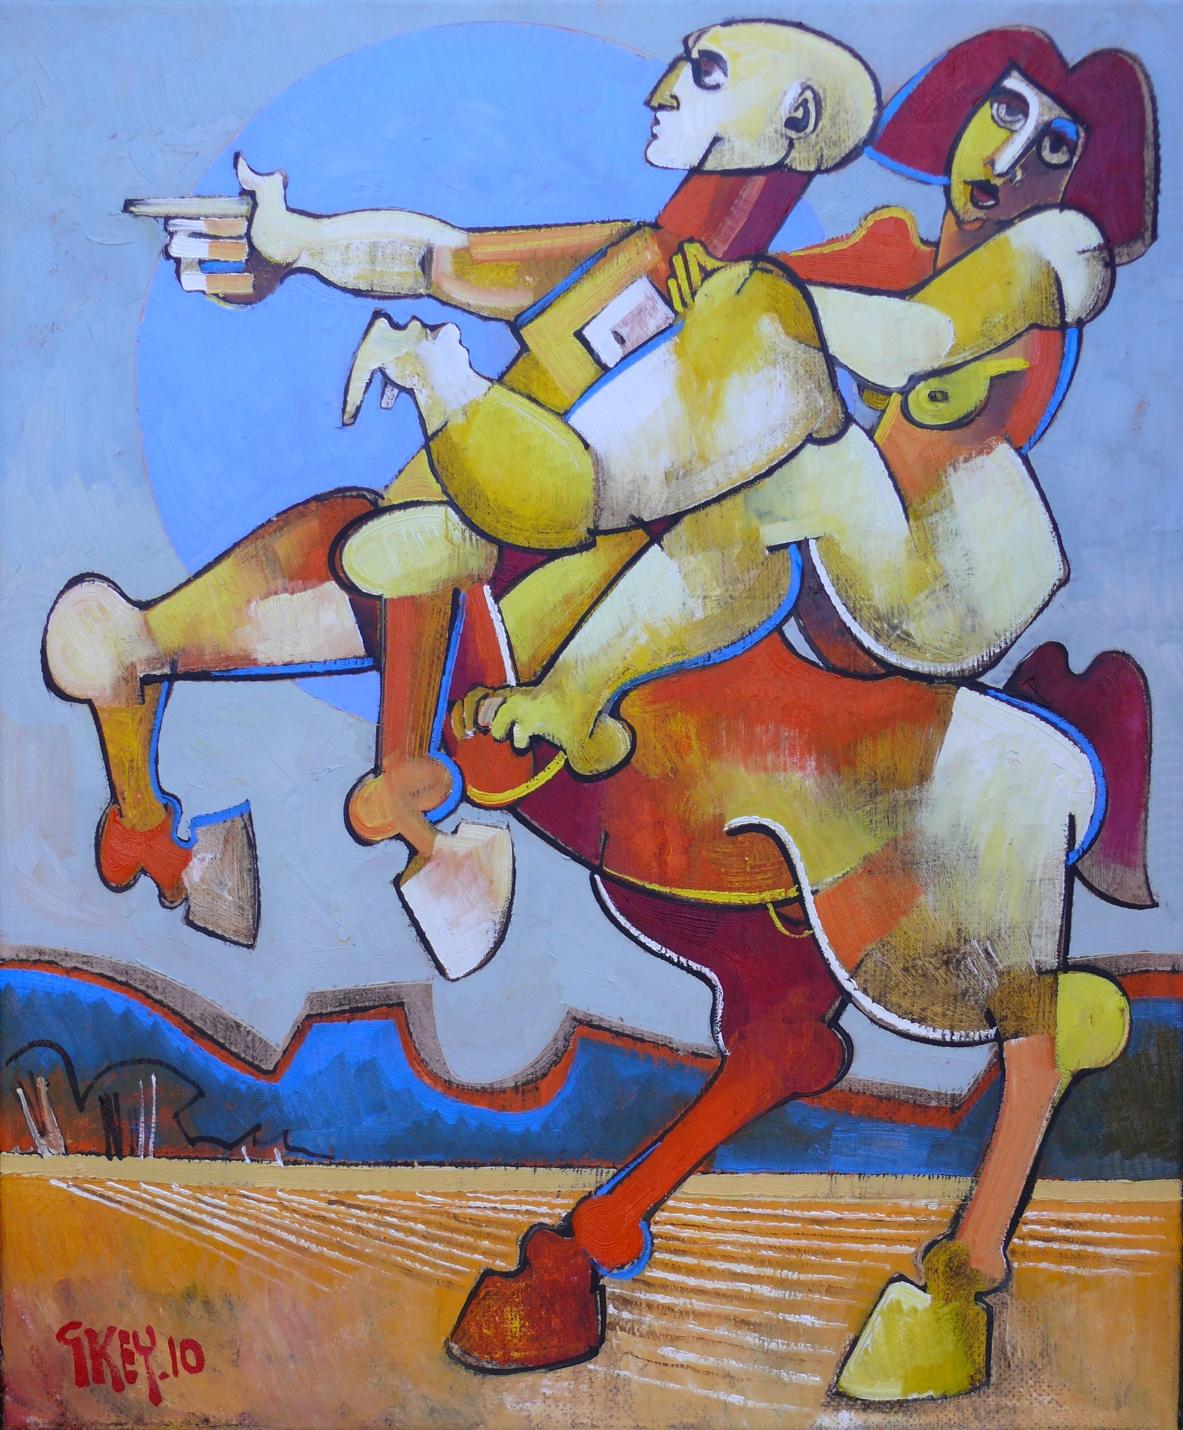 centaur and rider, oil 2010